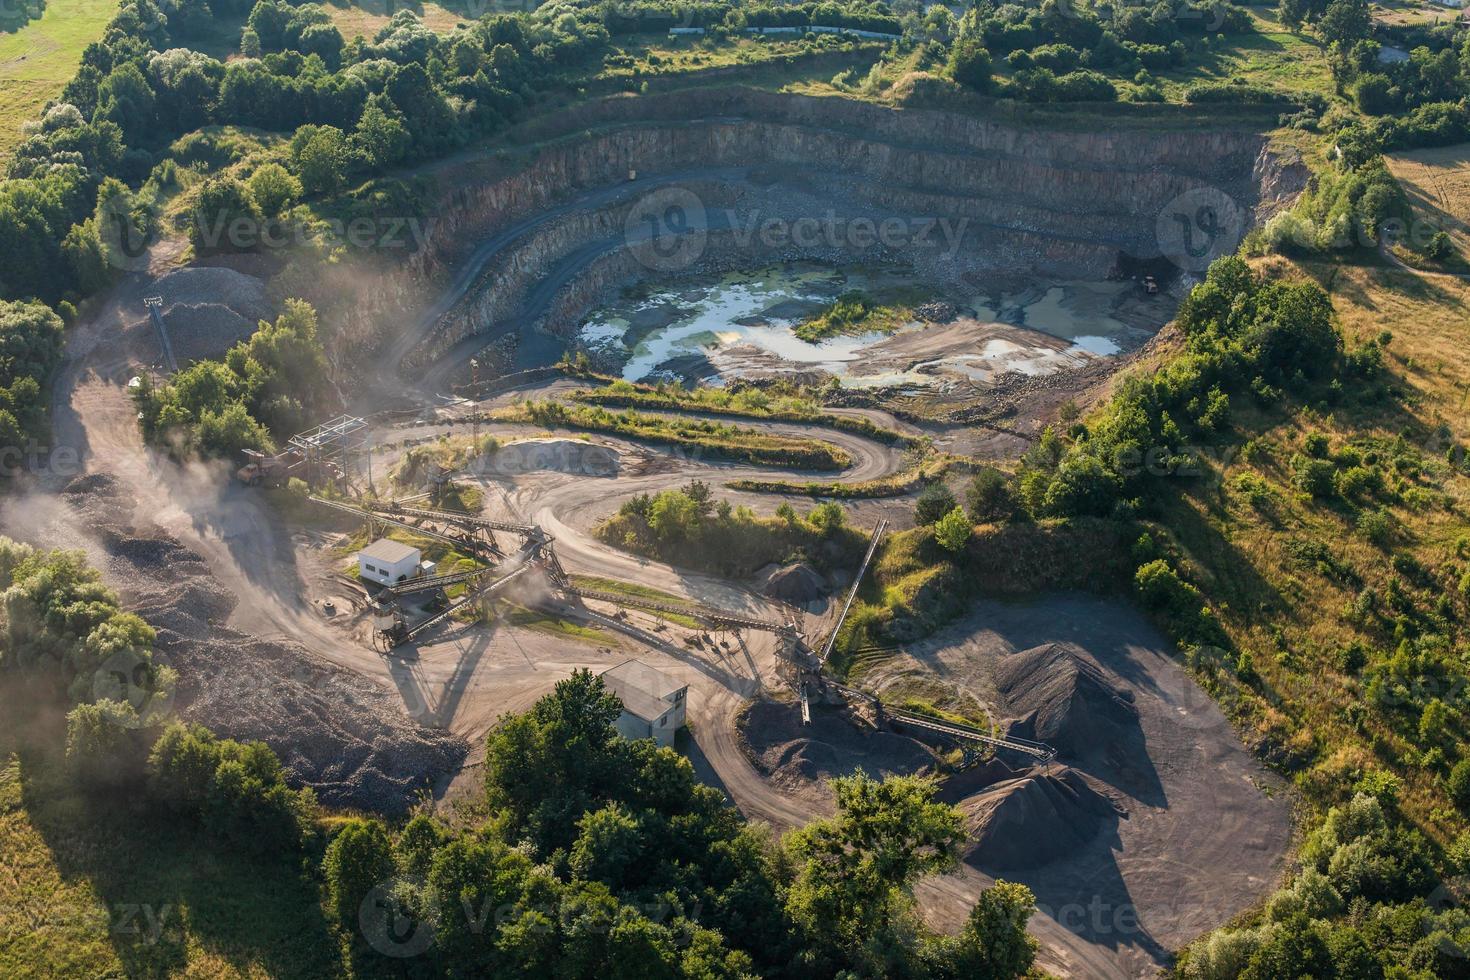 luchtfoto van steengroeve verwerkingslijn foto